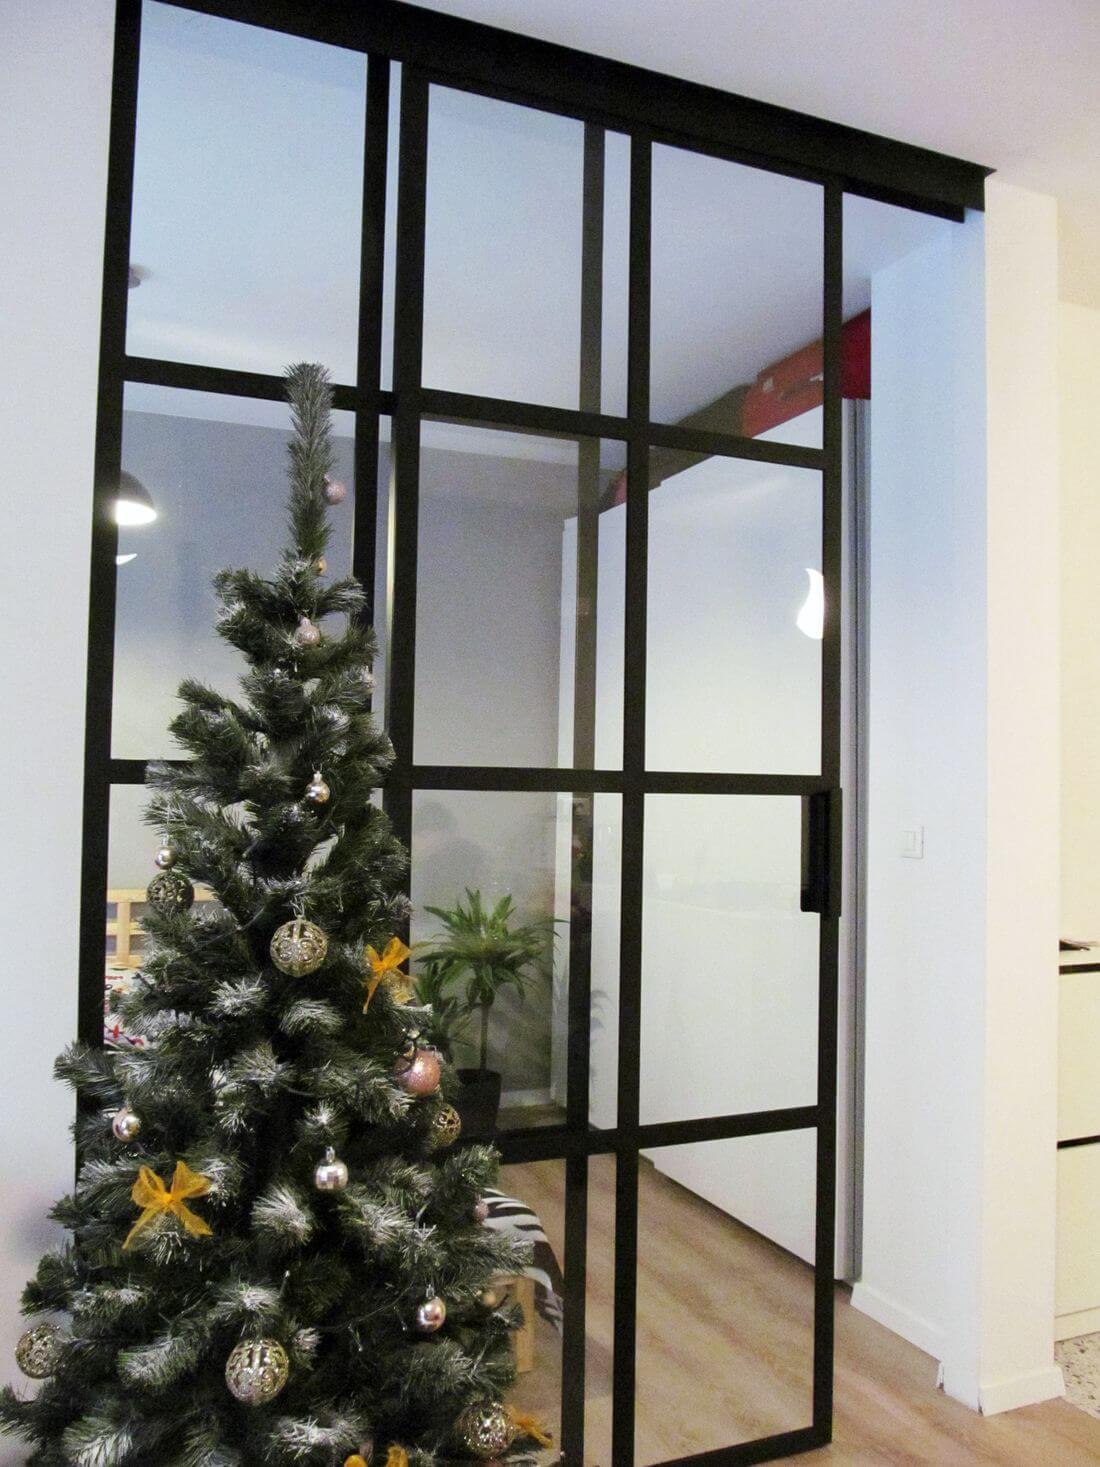 Do połowy otwarte drzwi przesuwne loftowe w przejściu z salonu do sypialni z choinką po lewej stronie – białe ściany